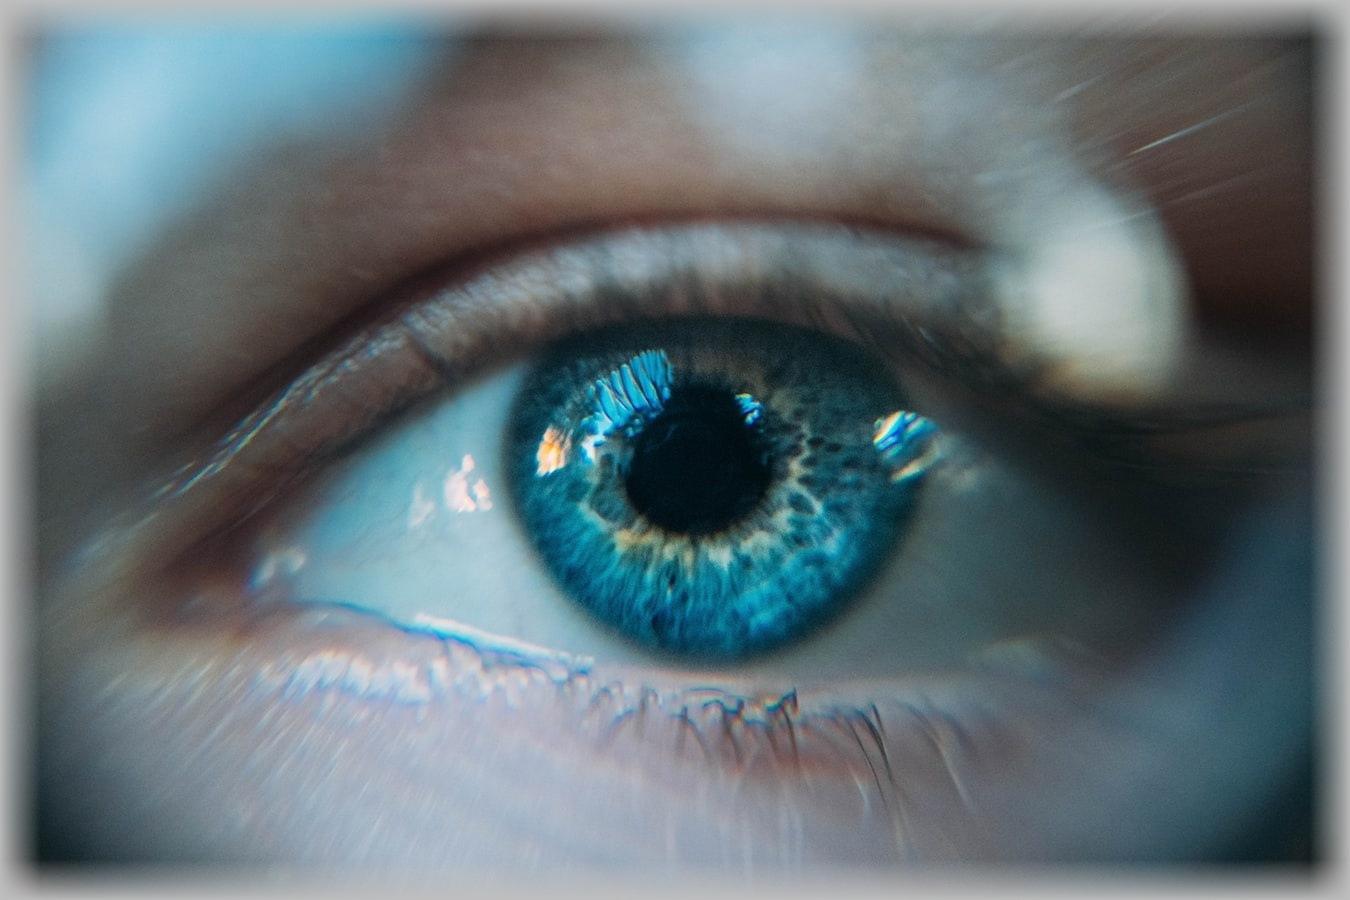 Clear blue eye closeup